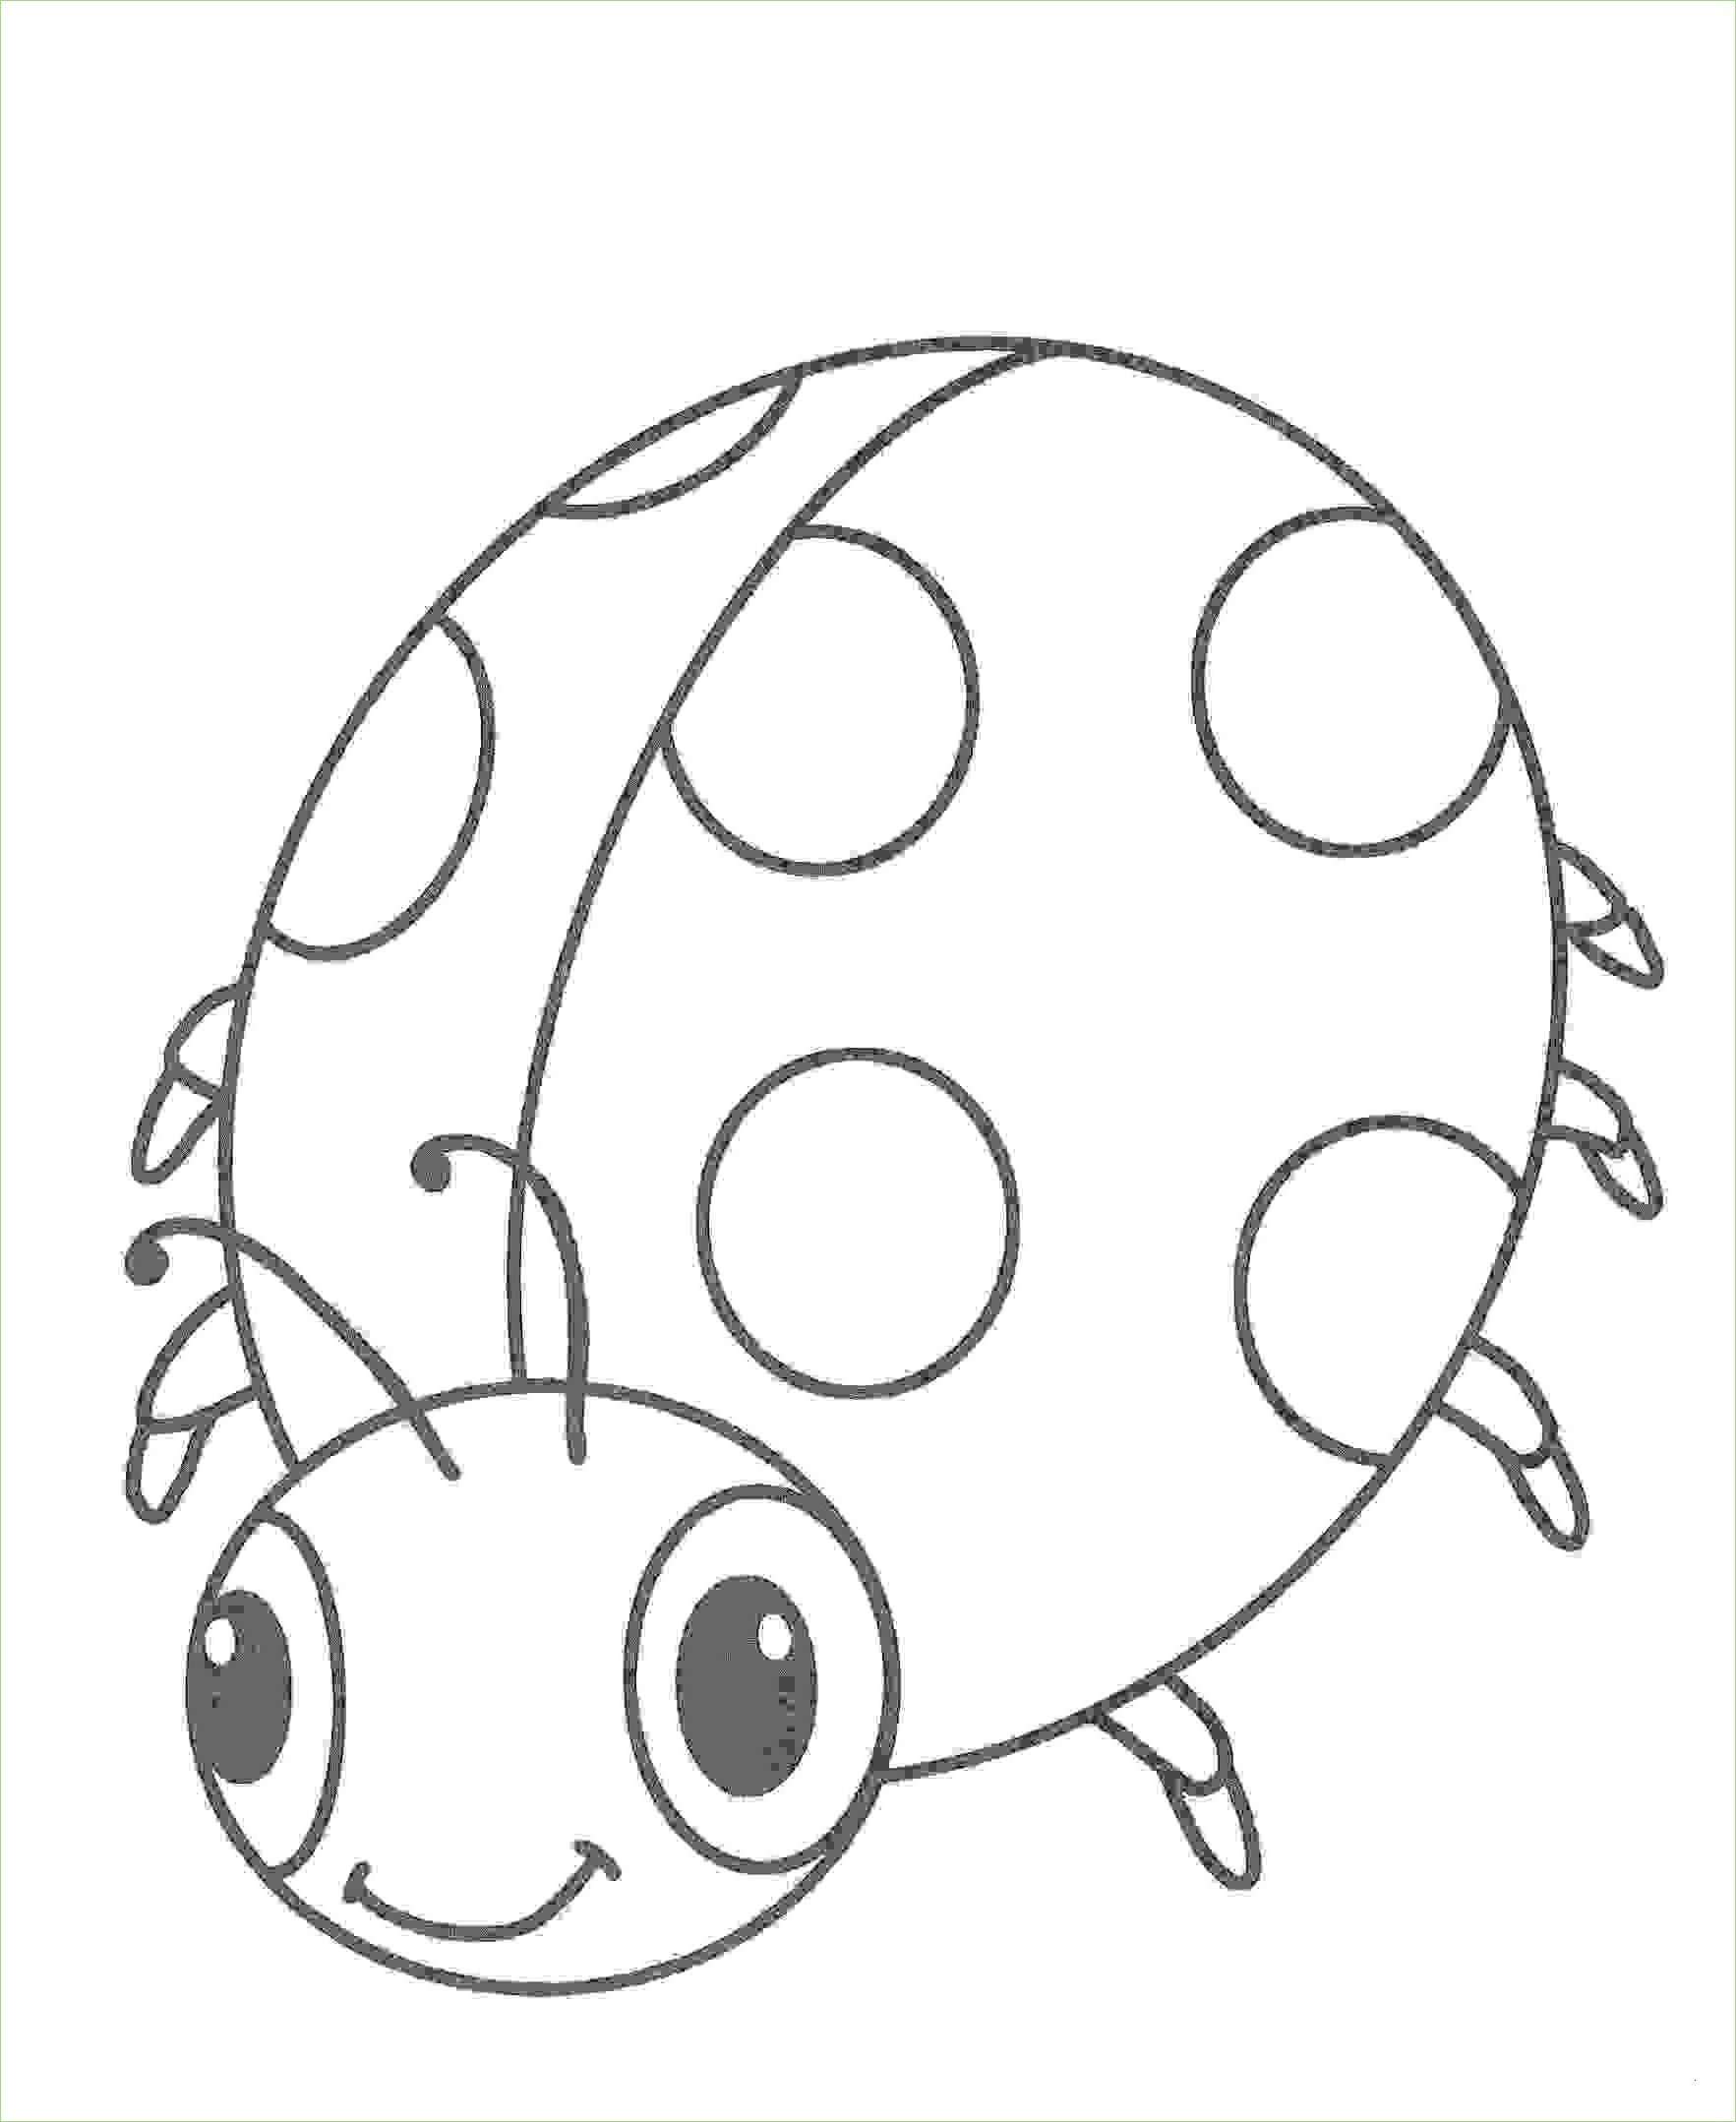 Micky Maus Malvorlagen Das Beste Von 29 Inspirierend Unterwasserwelt Malvorlagen – Malvorlagen Ideen Sammlung